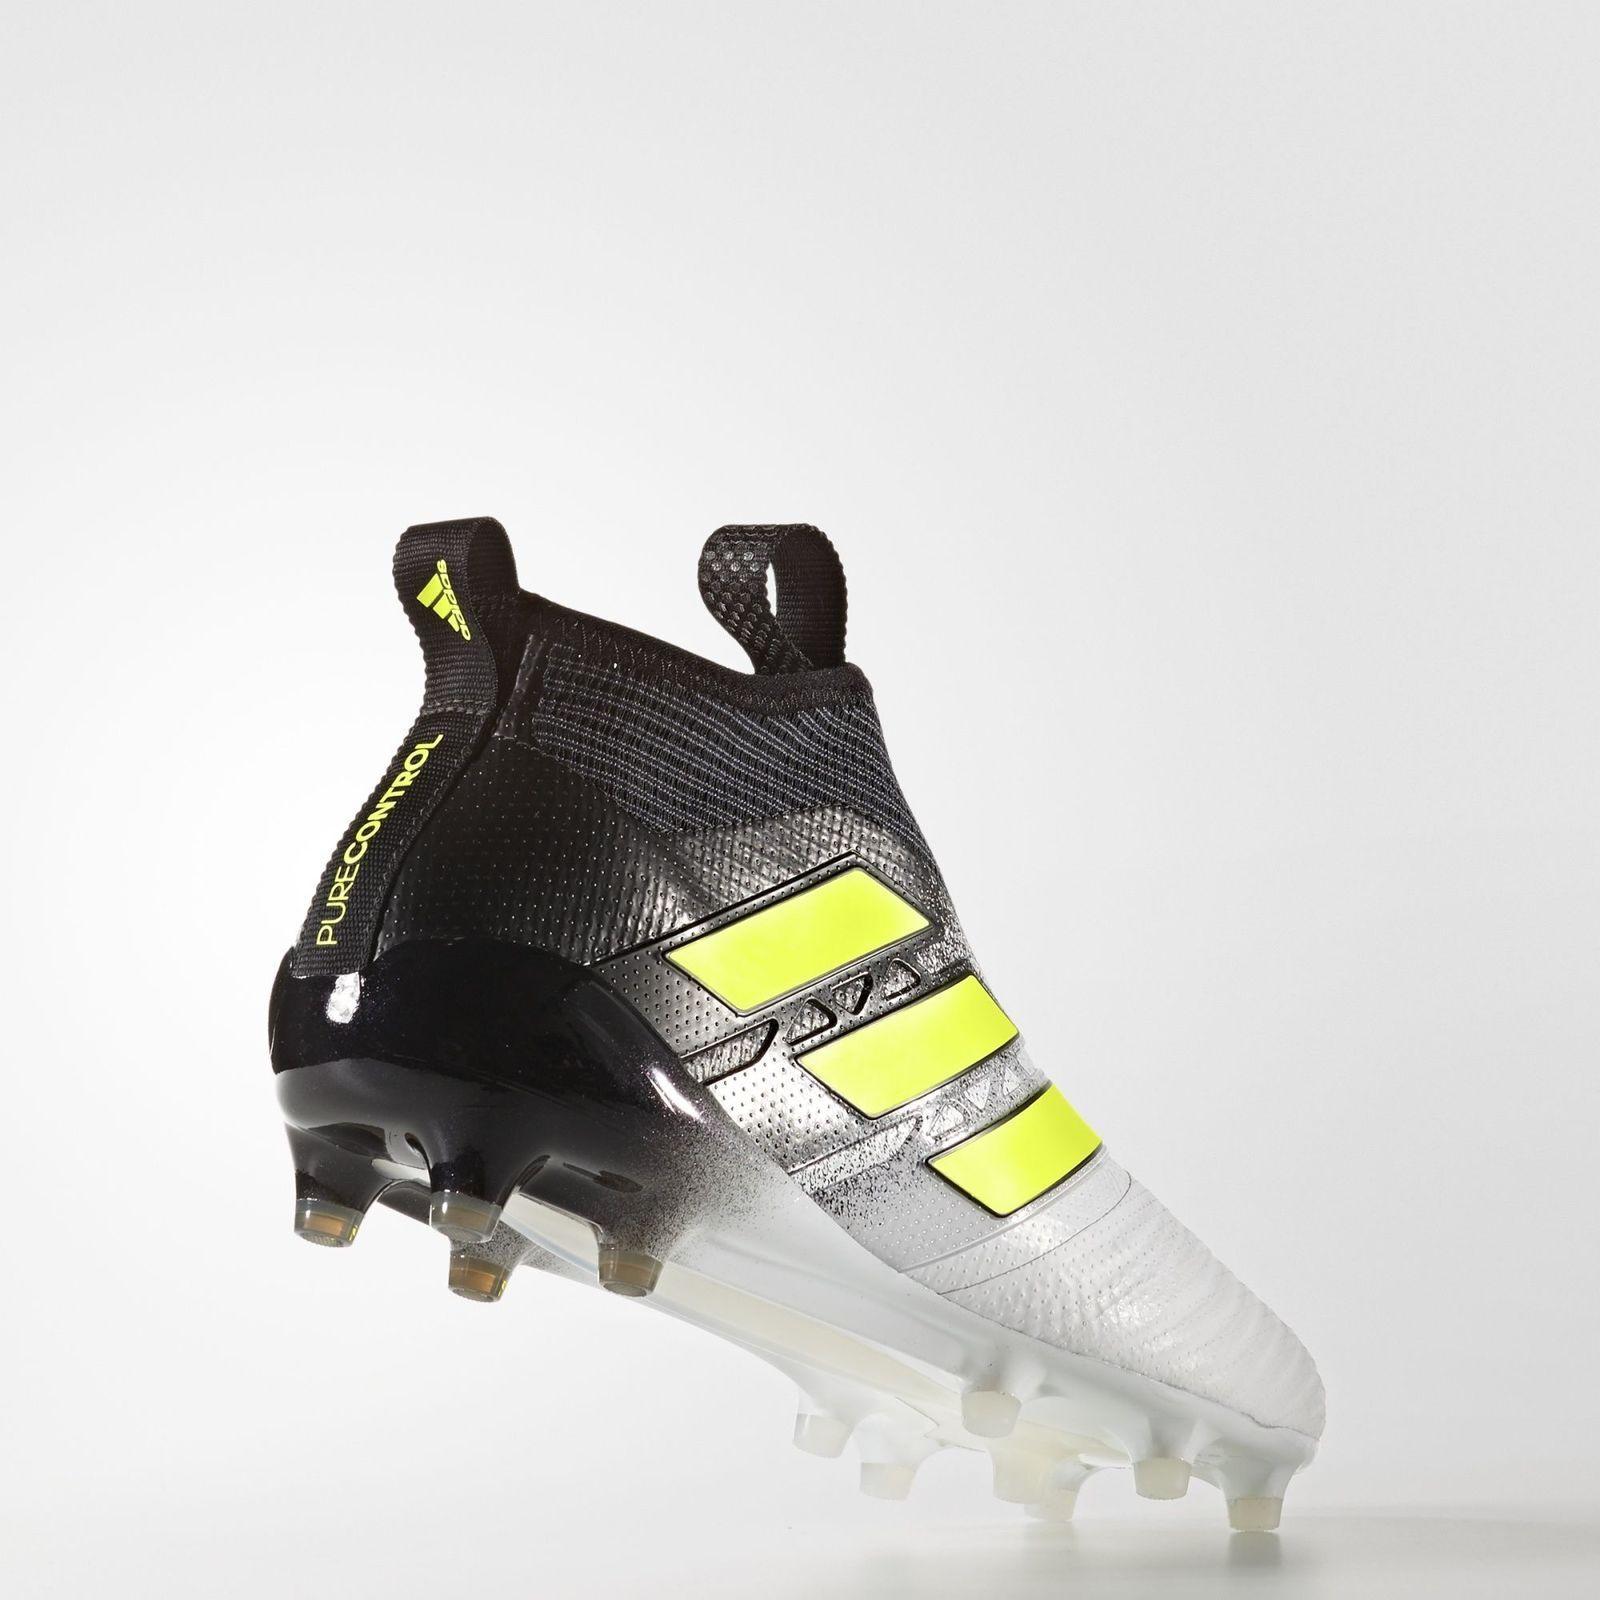 Nuevo Adidas ACE 17+ purecontrol Botines de de de tierra firme para hombre Blanco 5149e3